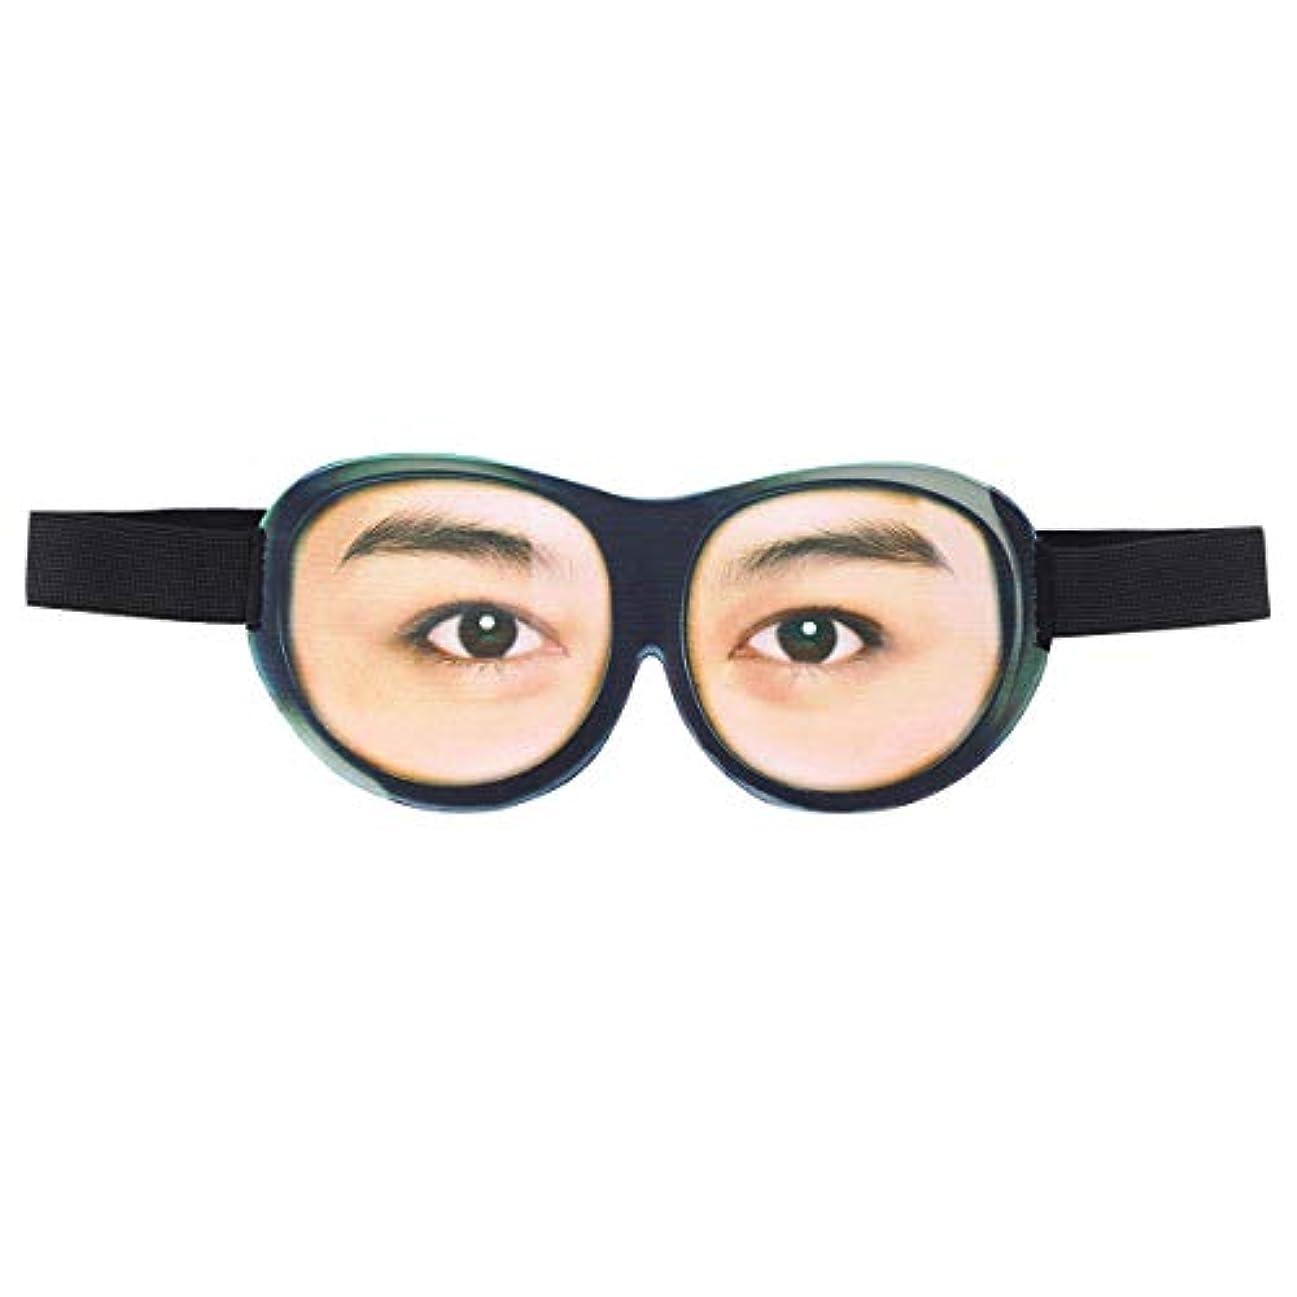 育成フラグラント冷蔵するHealifty 3D面白いアイシェード睡眠マスク旅行アイマスク目隠し睡眠ヘルパーアイシェード男性女性旅行昼寝と深い眠り(優しいふりをする)